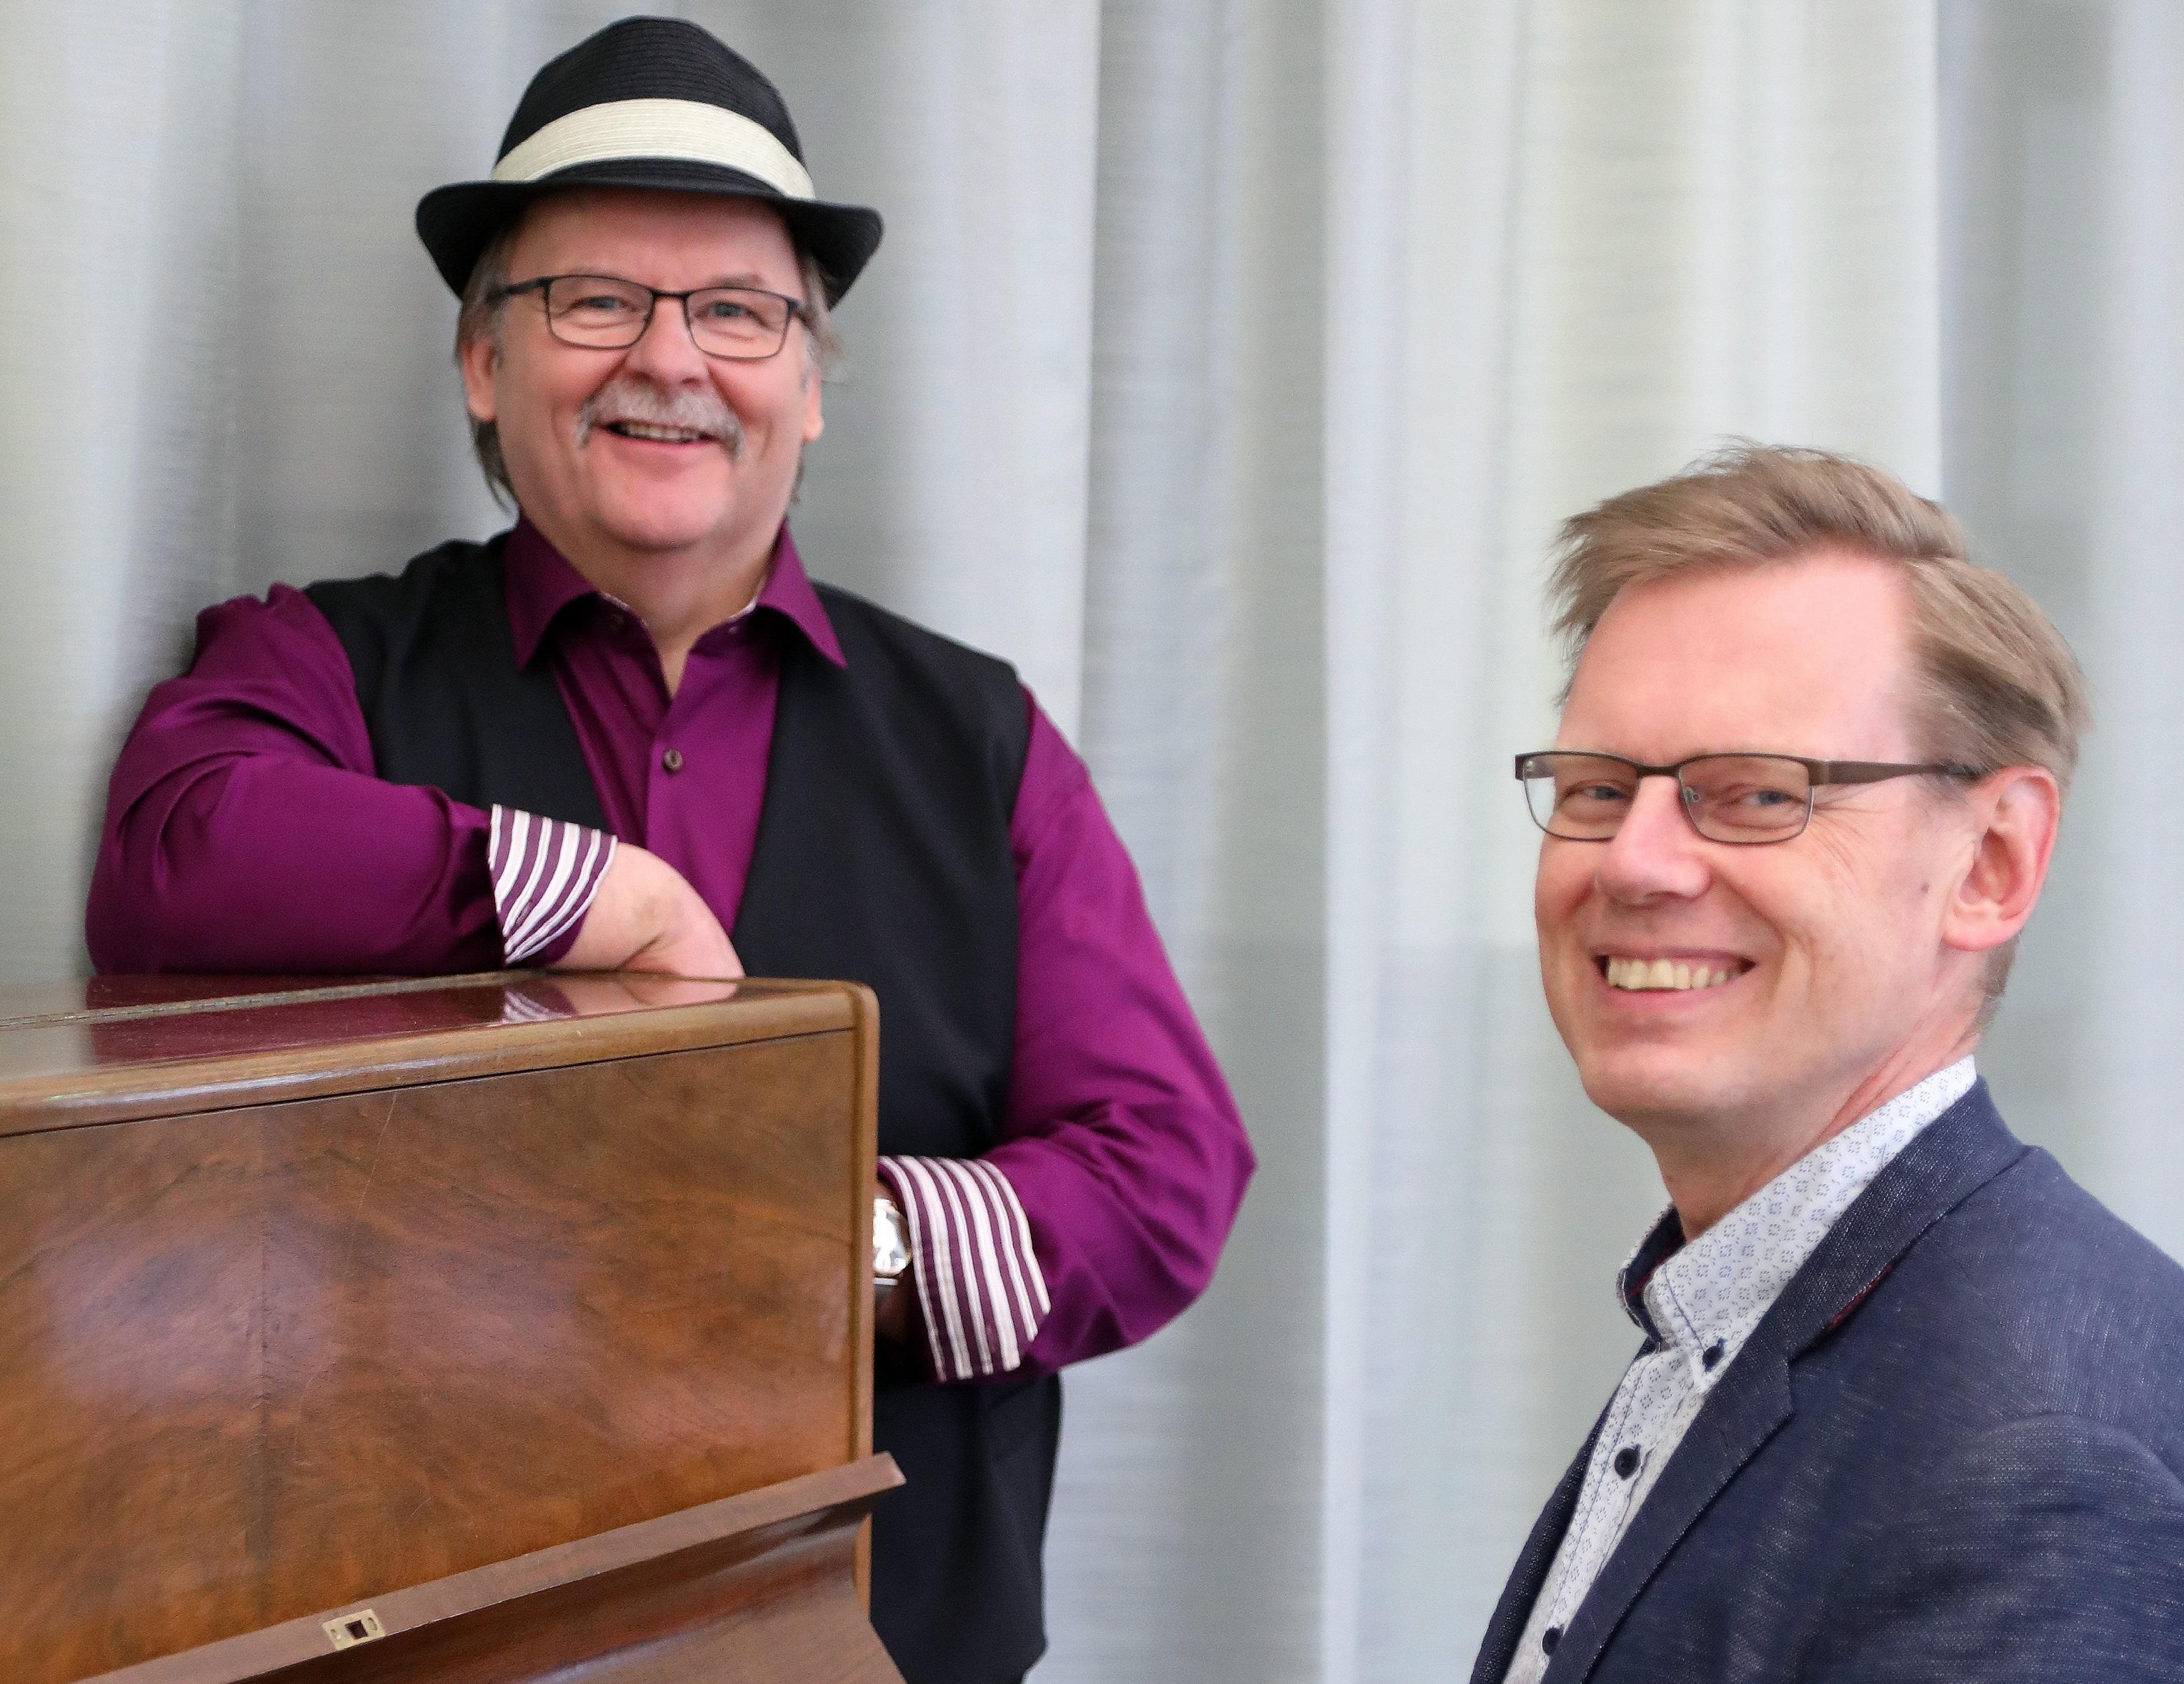 Verkkotapahtuma: #23 Yhteislaulut kotona, laulattajina Martti Kuurila ja Jussi Tamminen